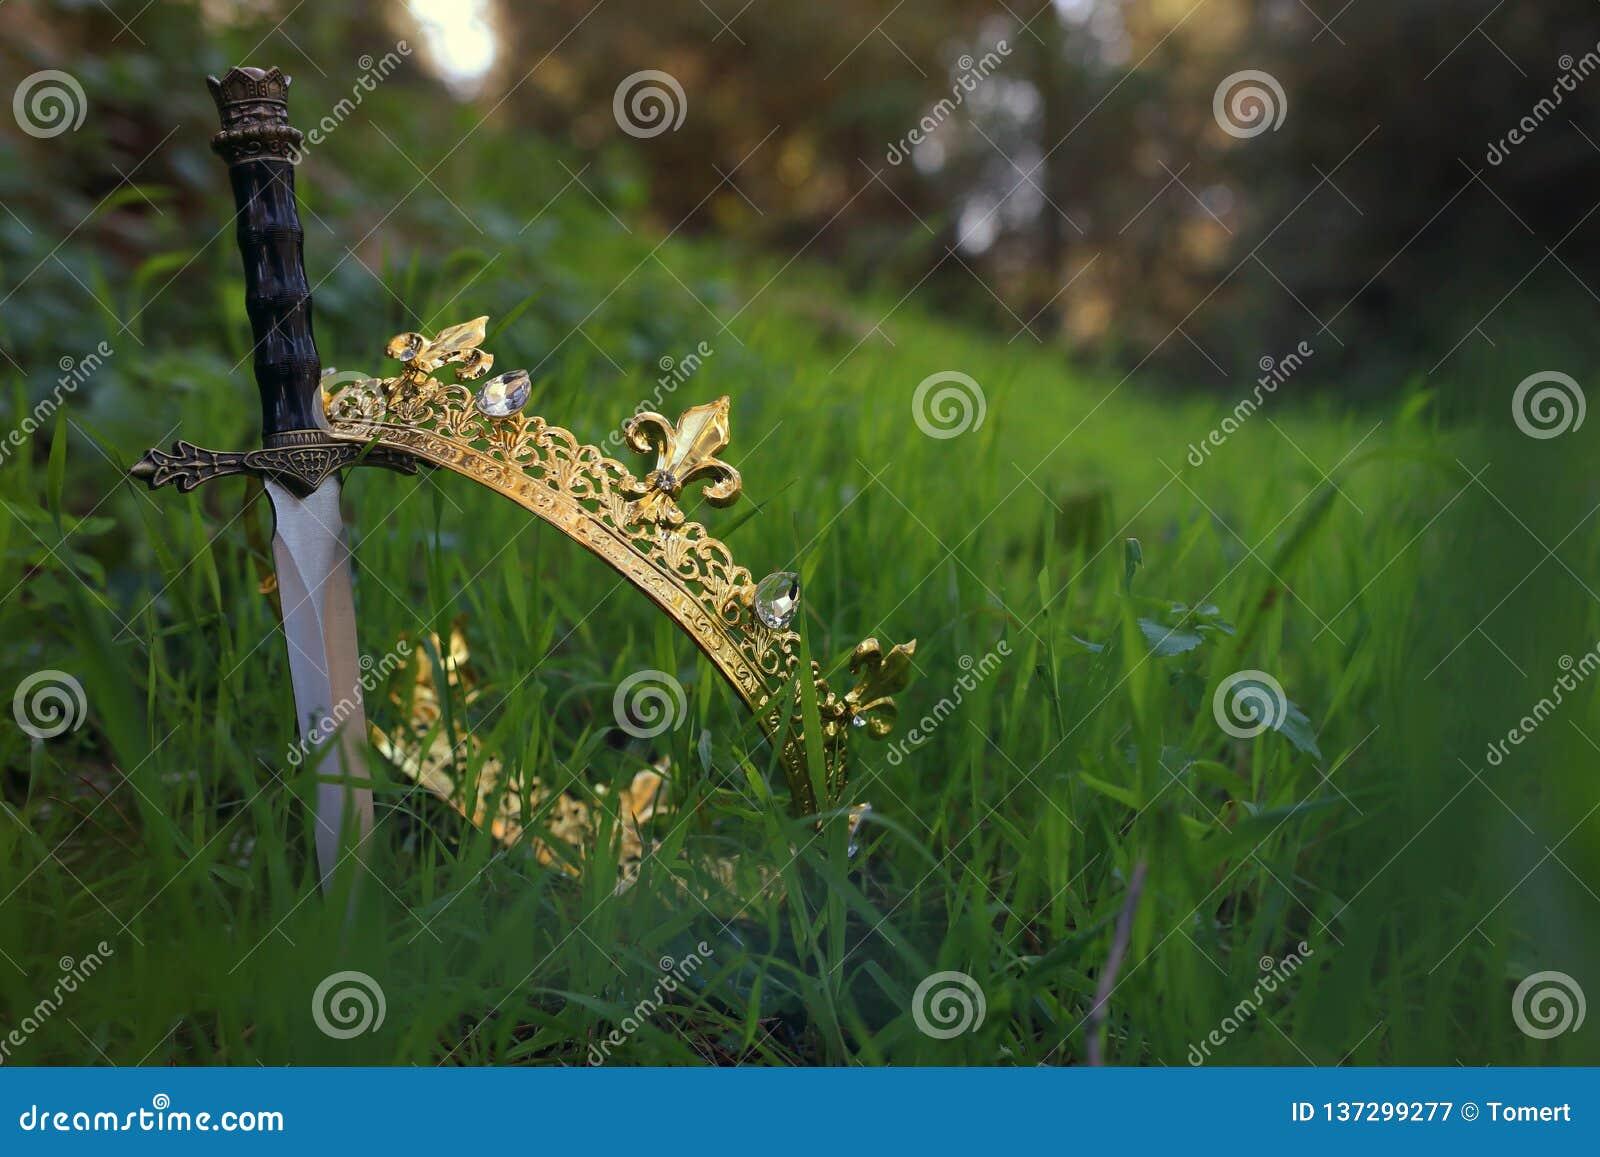 Geheimzinnige en magische foto van gouden koningskroon en zwaard in het hout van Engeland of gebiedslandschap met lichte gloed mi